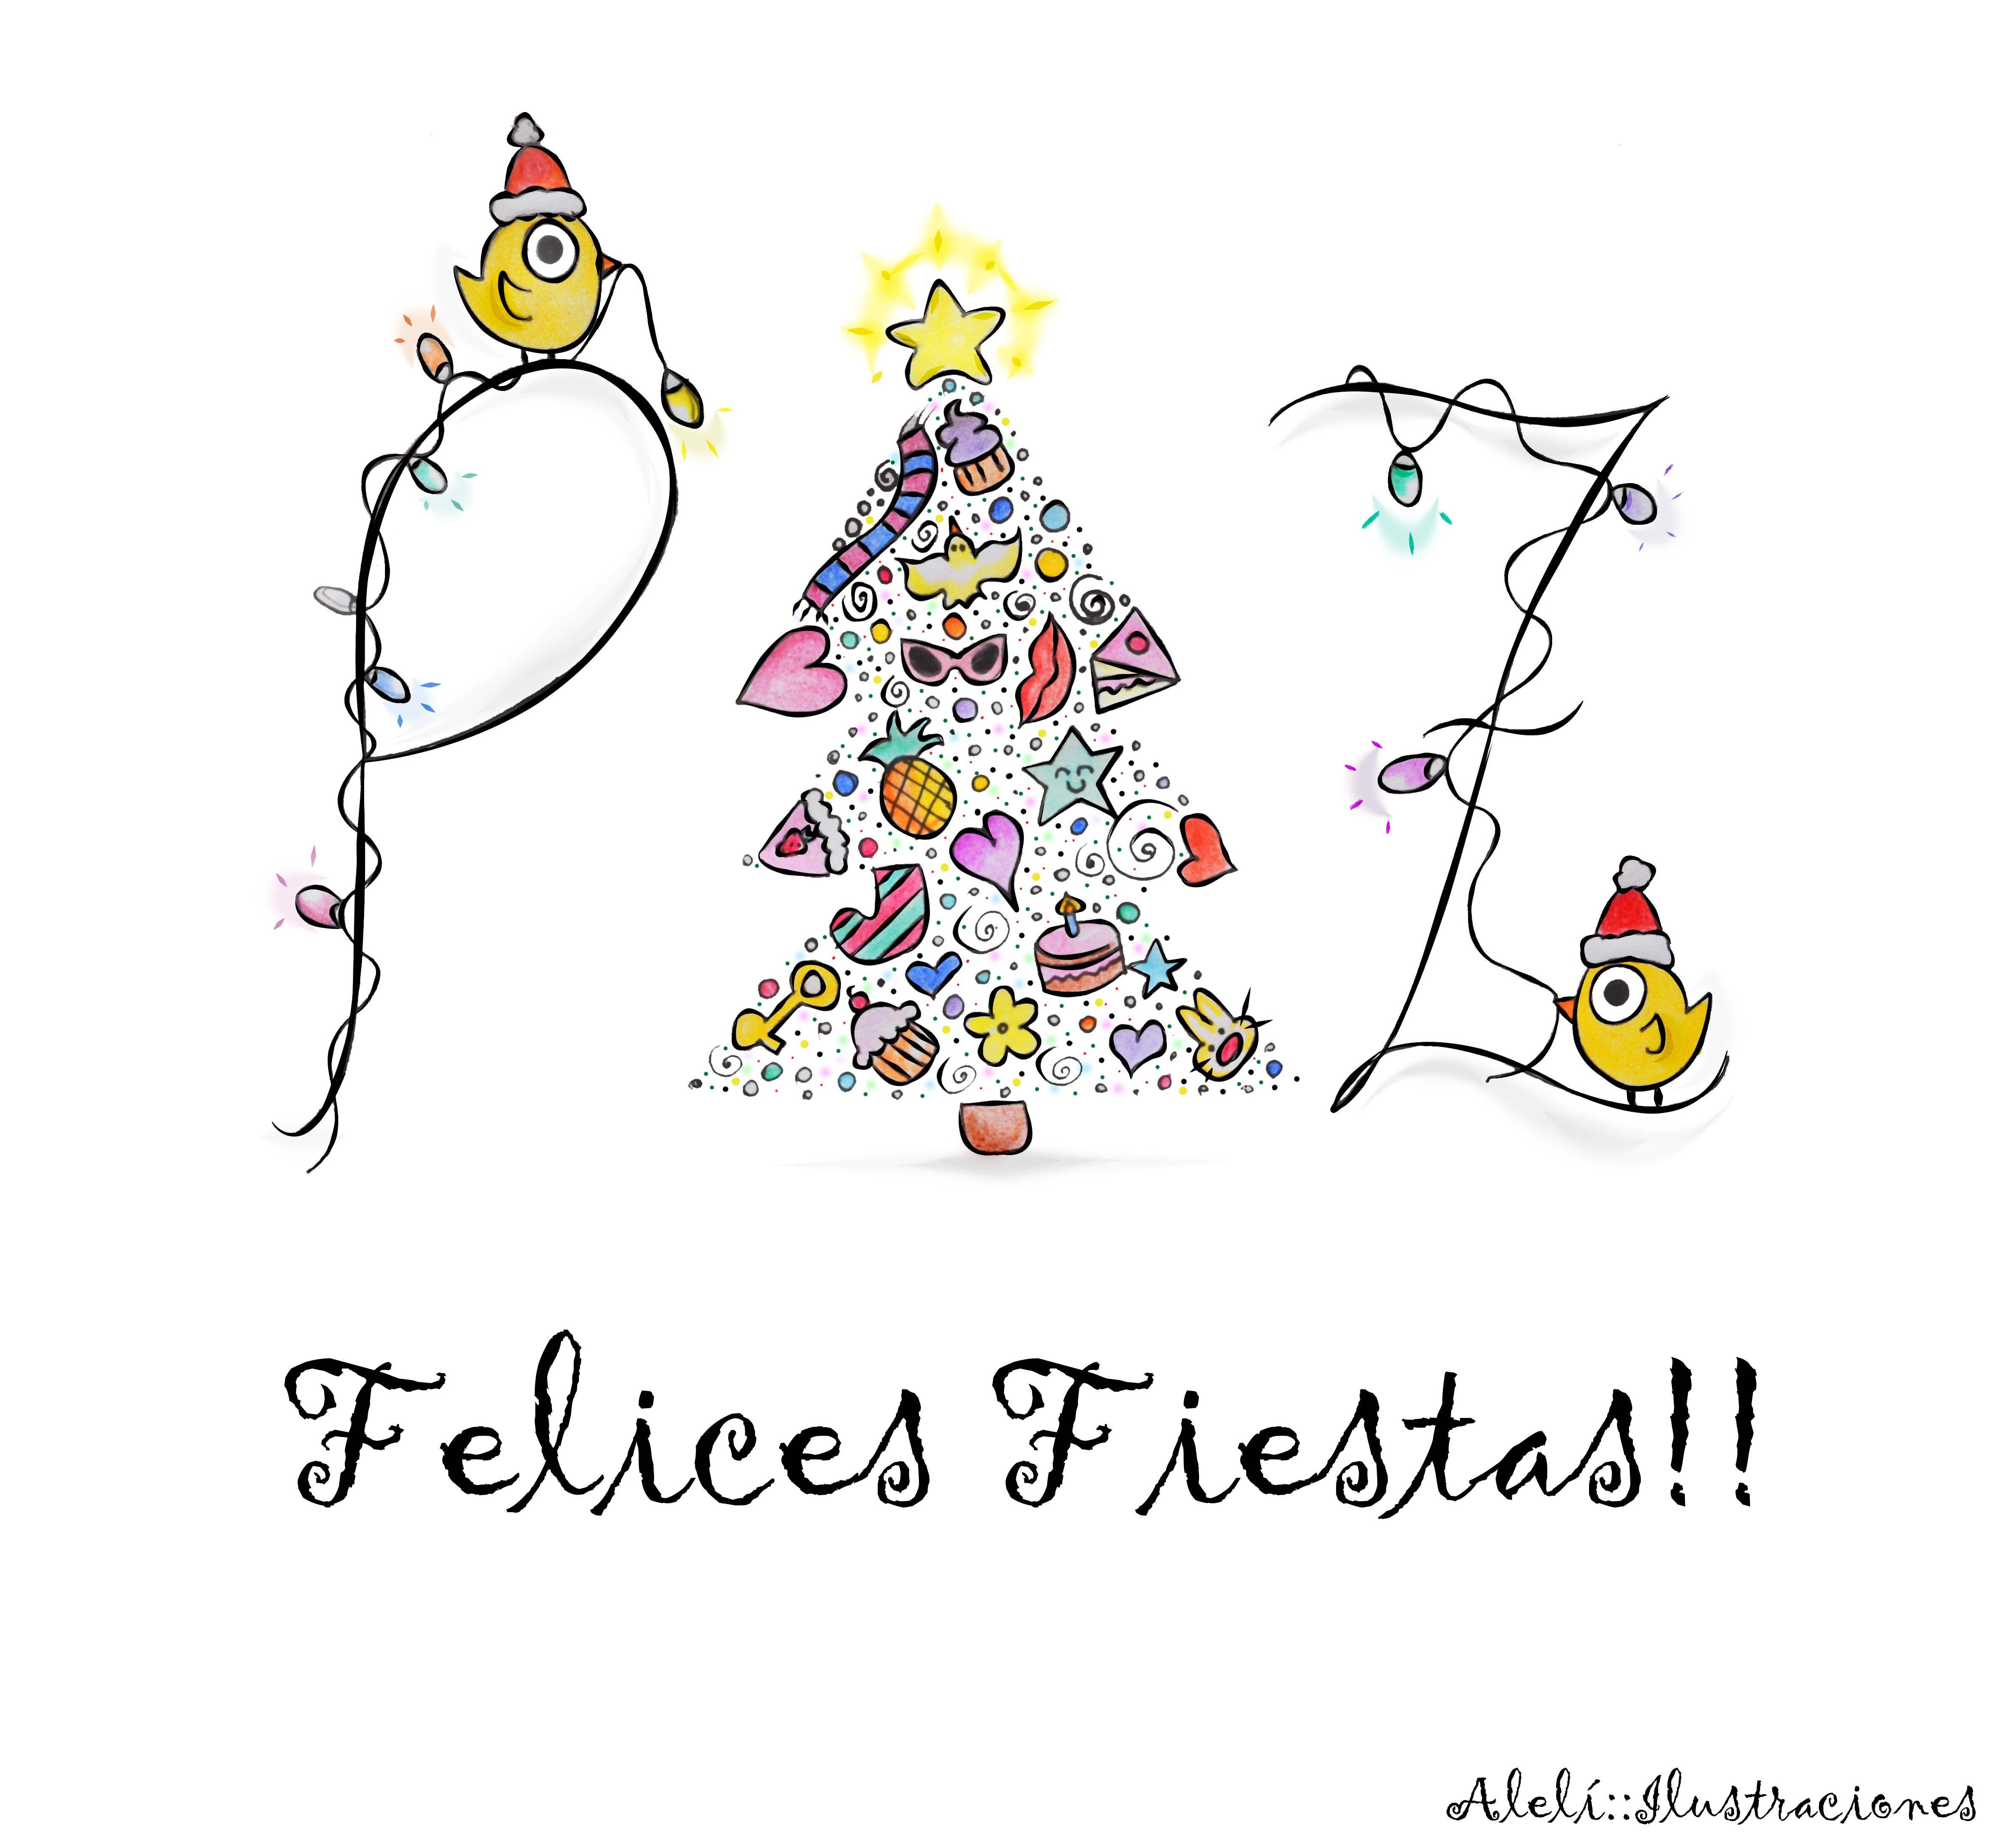 Felices Fiestas Felices Fiestas Tarjetas Imagenes De